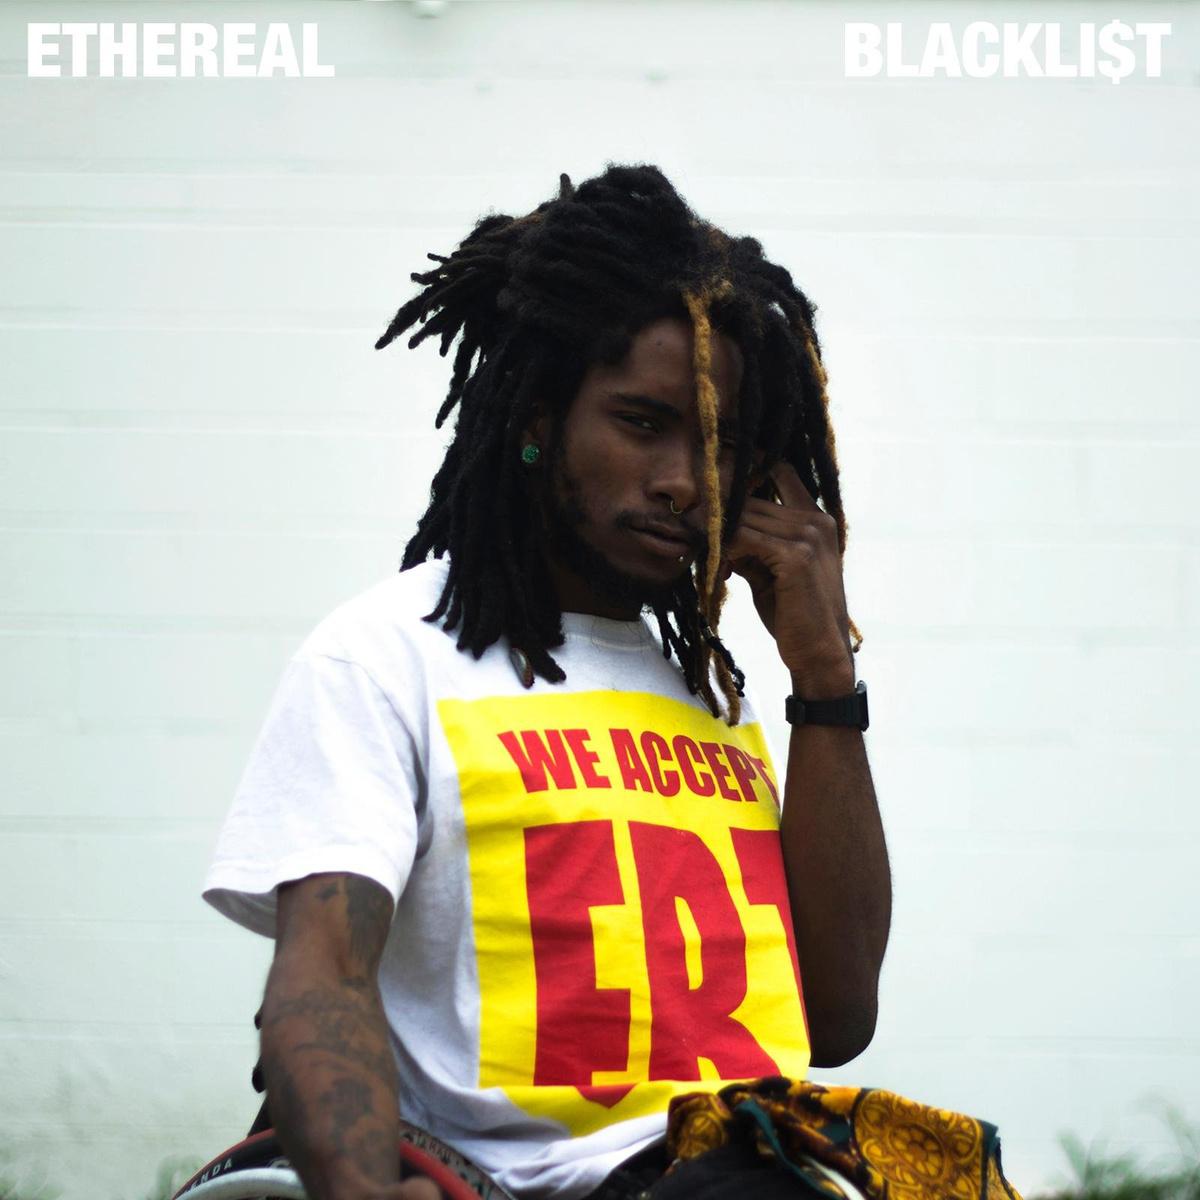 Mixtape Of The Week: Ethereal <em>Blackli$t</em>